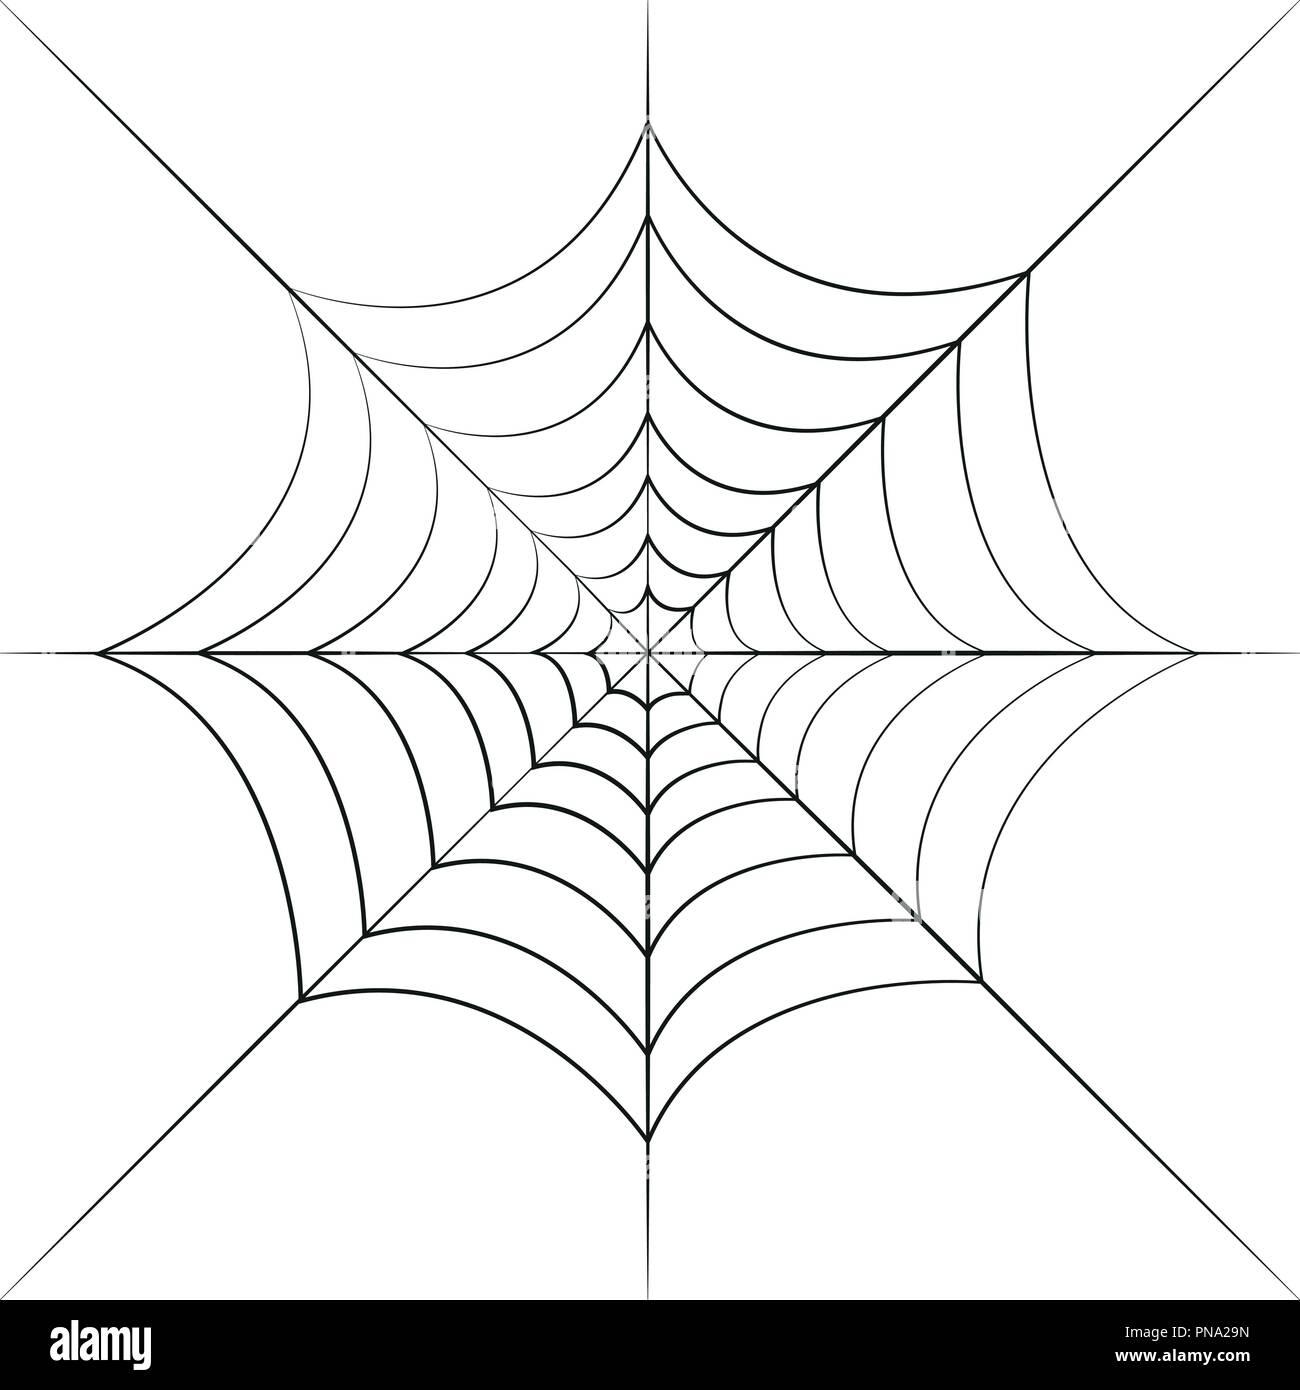 Spinnennetz schwarz auf weißem Hintergrund Vektor-illustration EPS 10 isoliert Stockbild